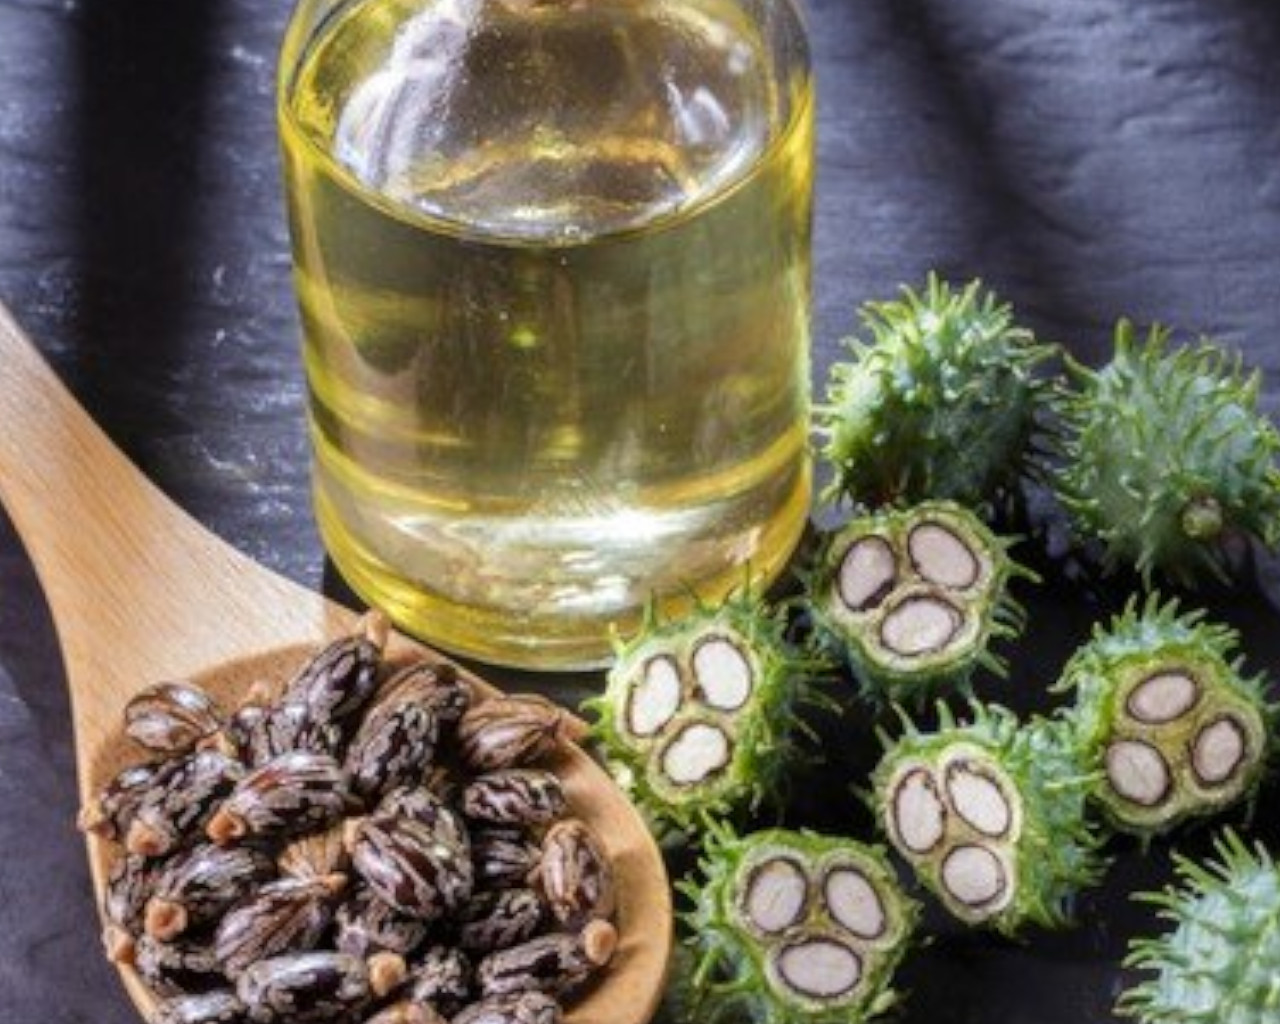 καστορελαιο,καστορελαιο τιμη,καστορελαιο για ρυτιδεσ ματιων,καστορελαιο τιμη στα φαρμακεια,καστορελαιο φαρμακειο,καστορελαιο μαλλια,καστορελαιο χρησεισ,καστορελαιο παρενεργειεσ,καστορελαιο για γενια